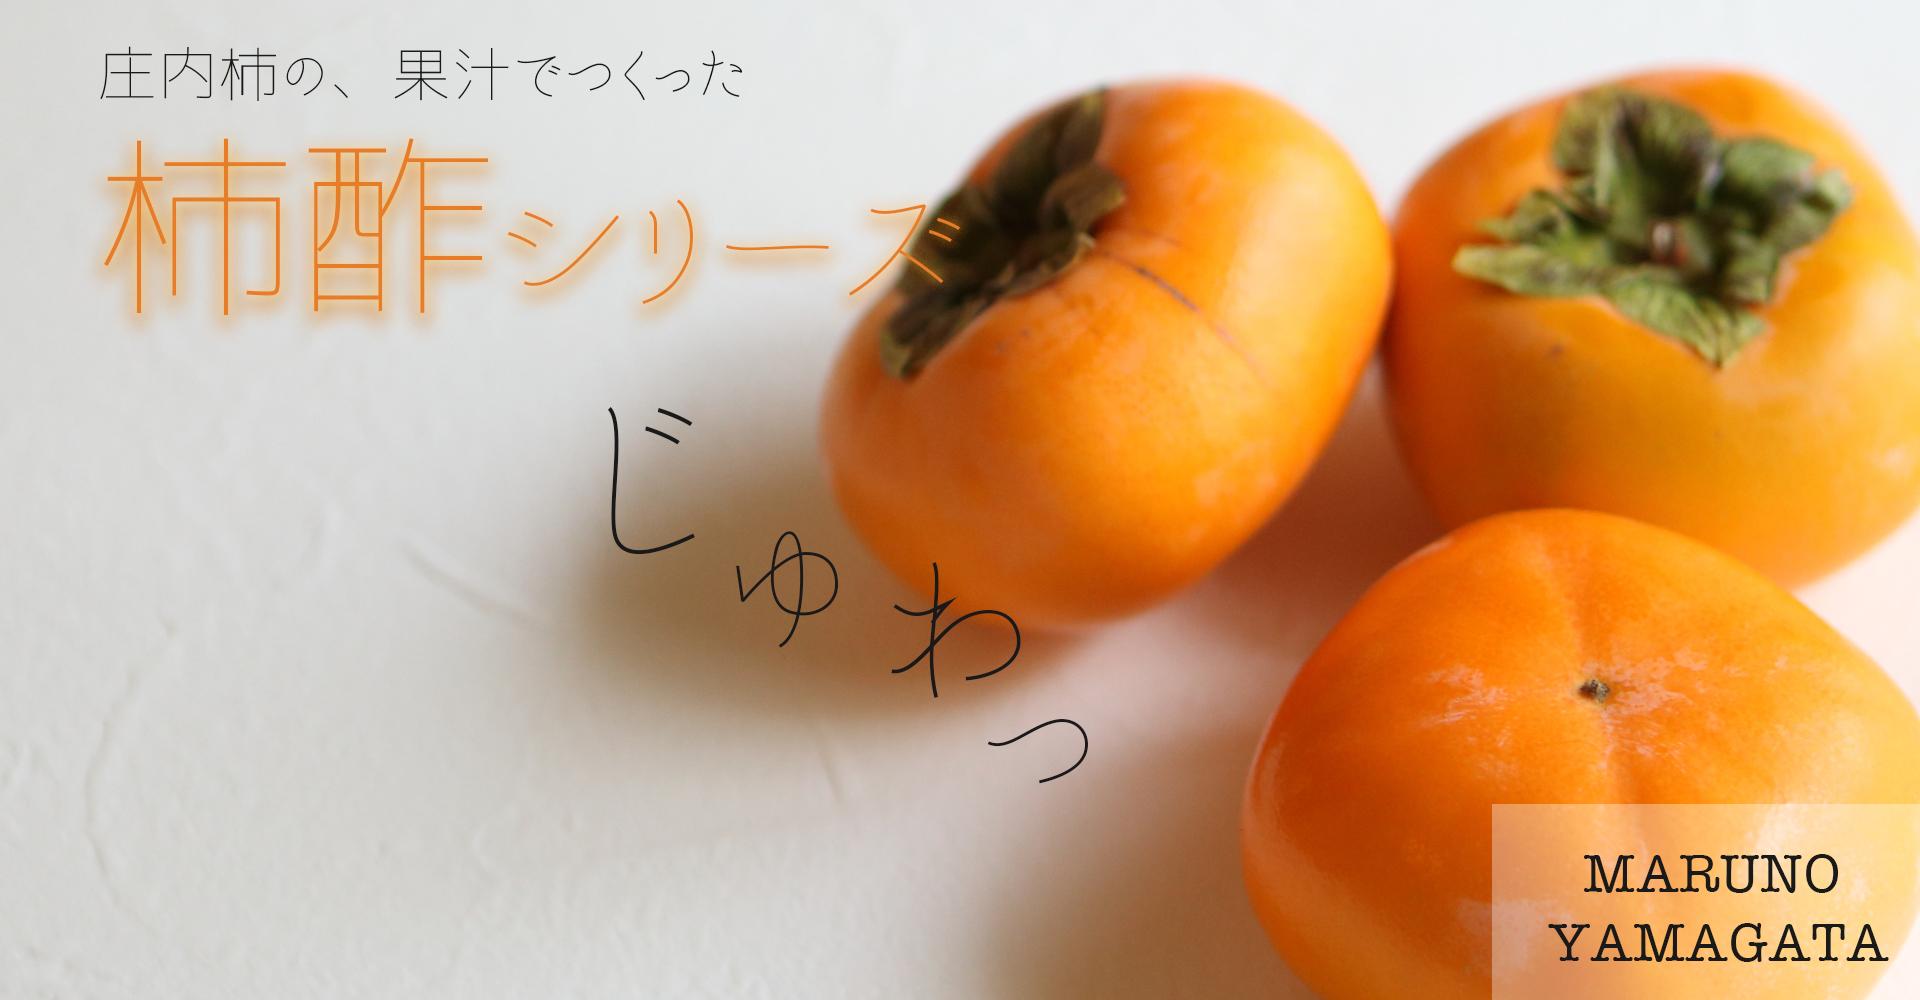 マルノー山形の柿酢